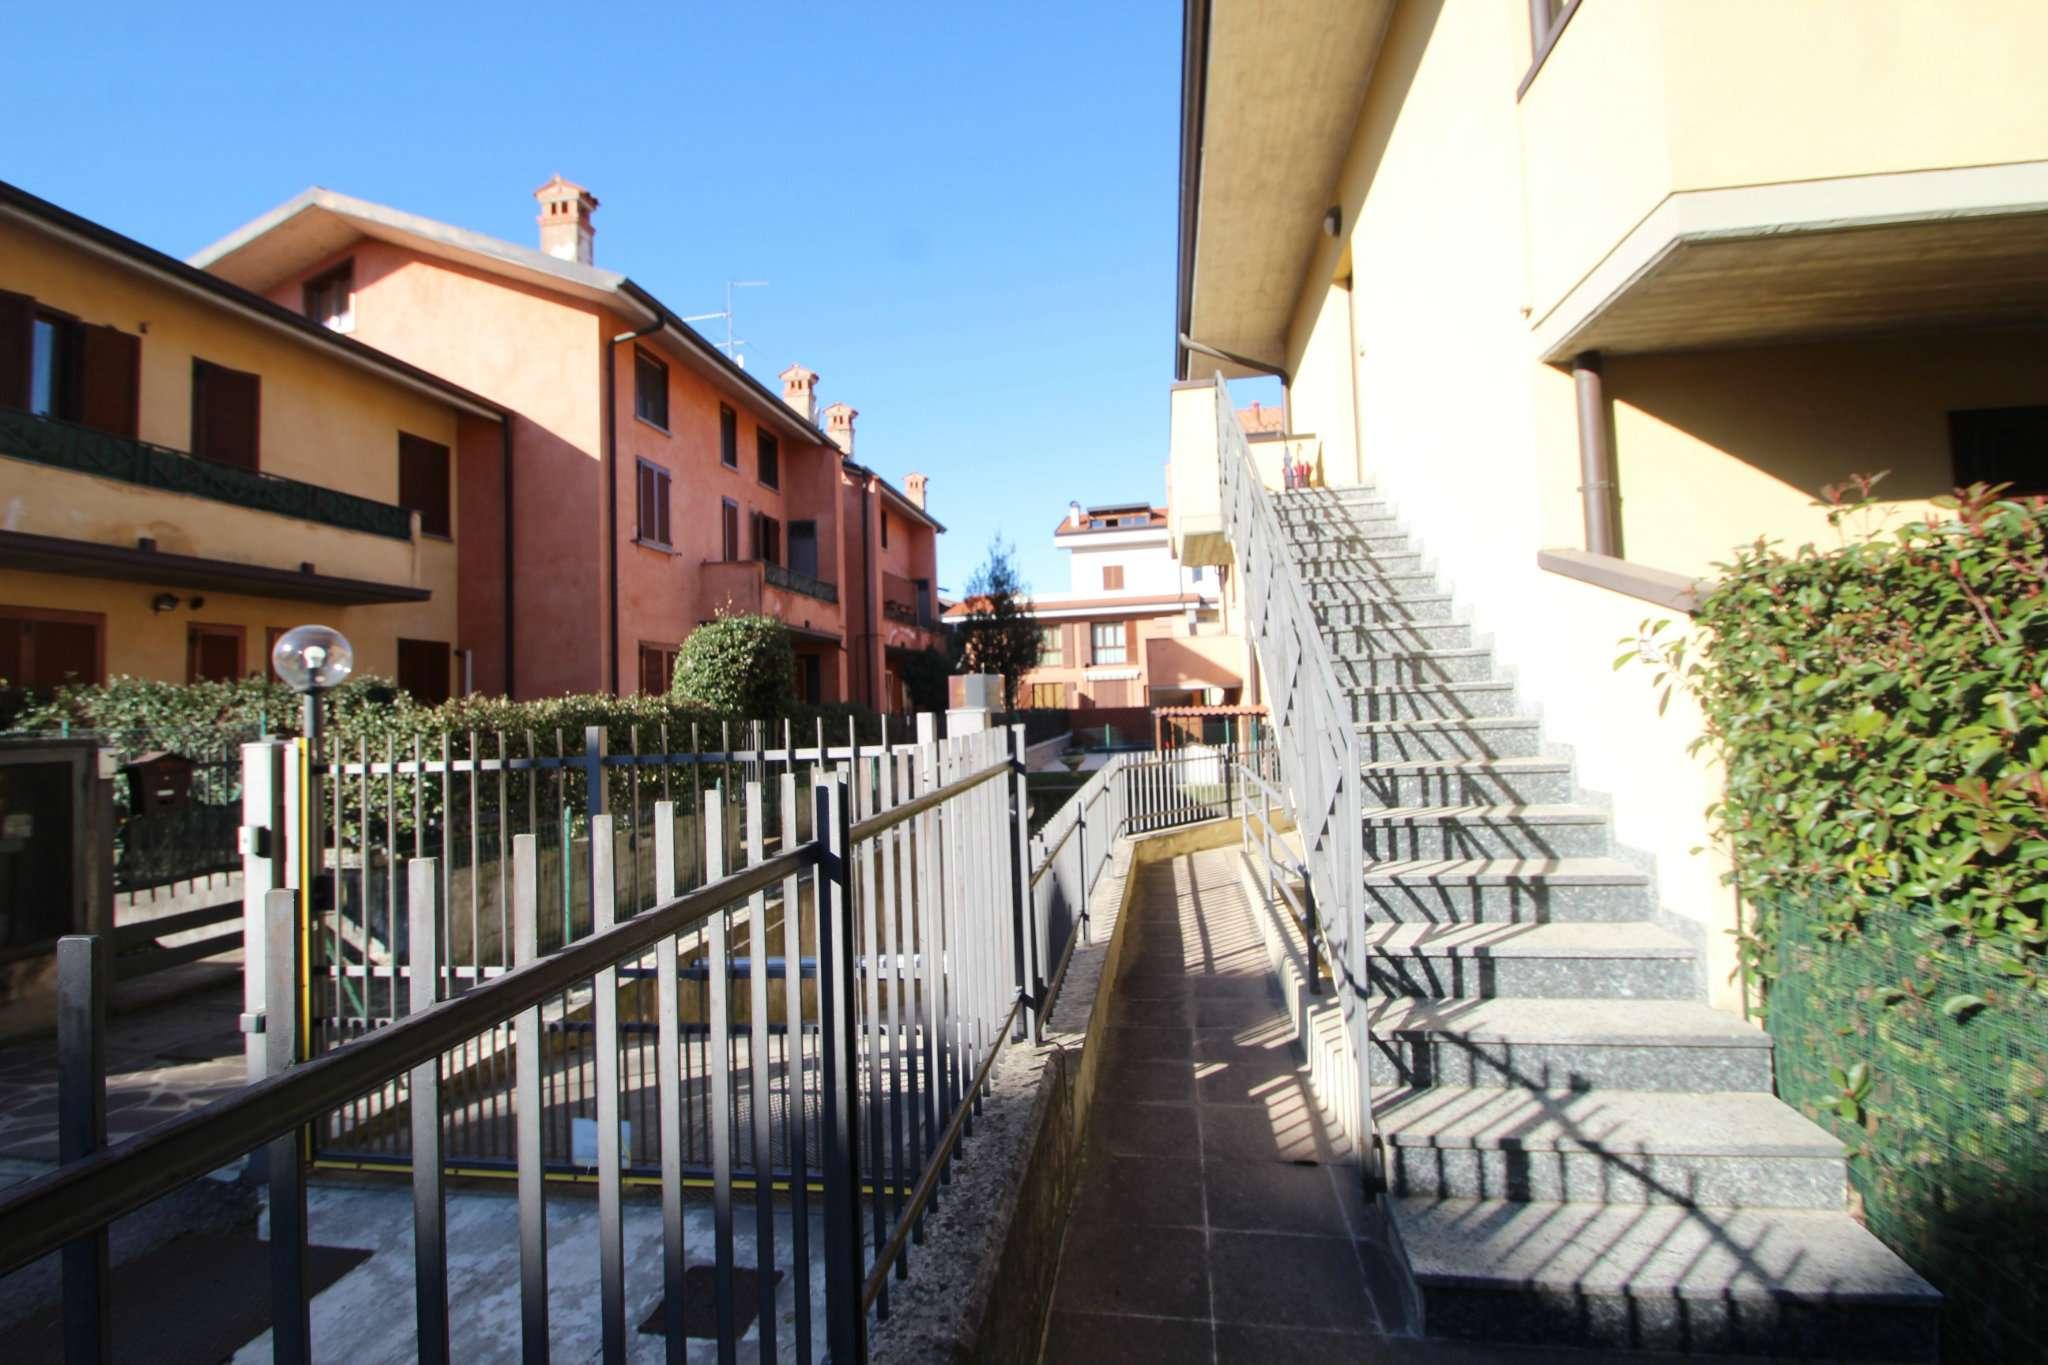 Appartamento in vendita a Terno d'Isola, 3 locali, prezzo € 125.000 | PortaleAgenzieImmobiliari.it